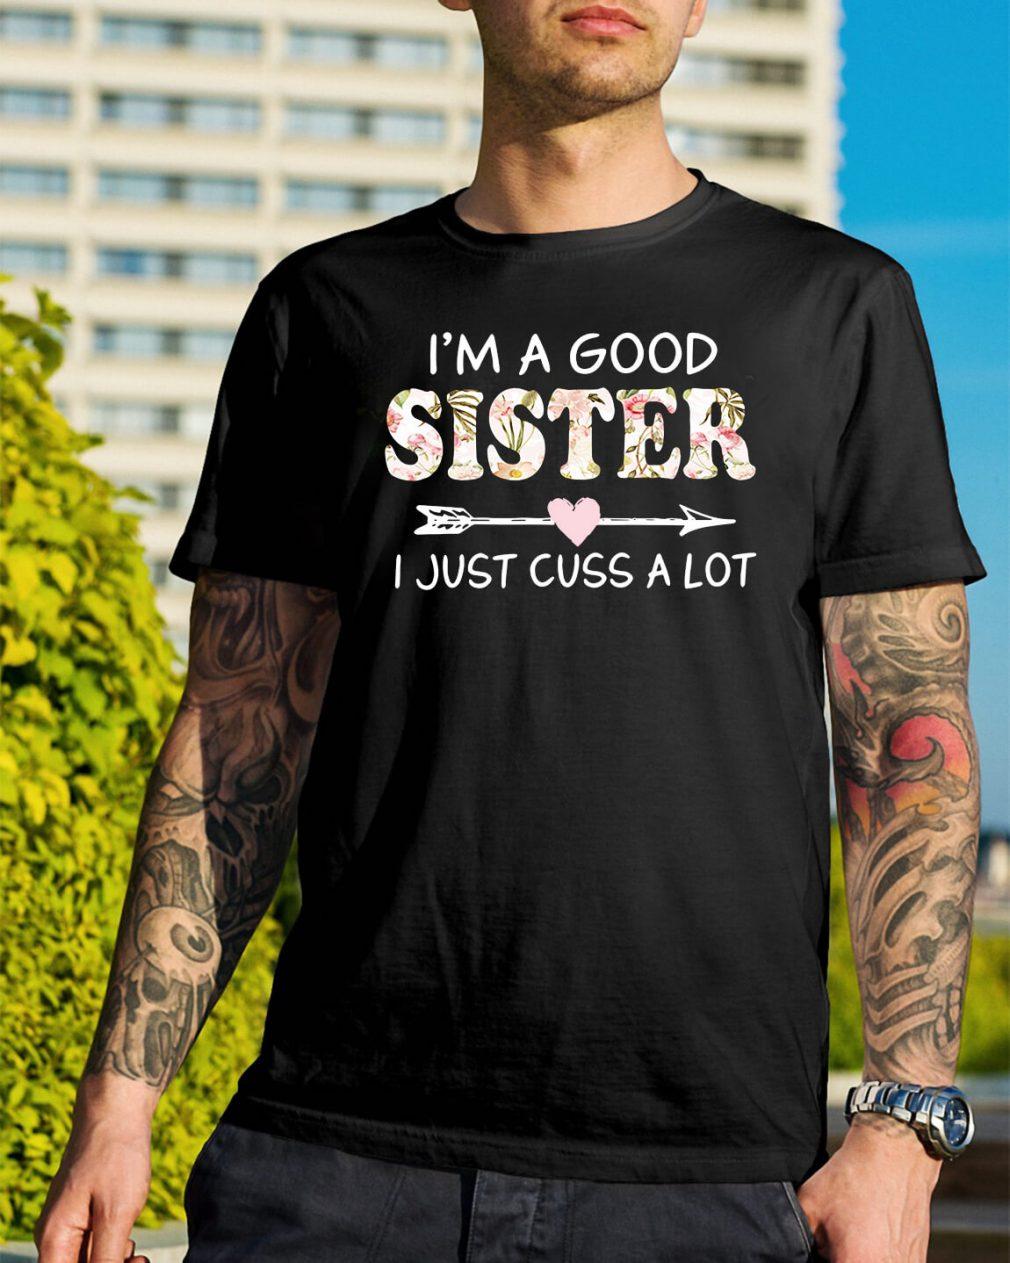 I'm a good sister I just cuss a lot shirt